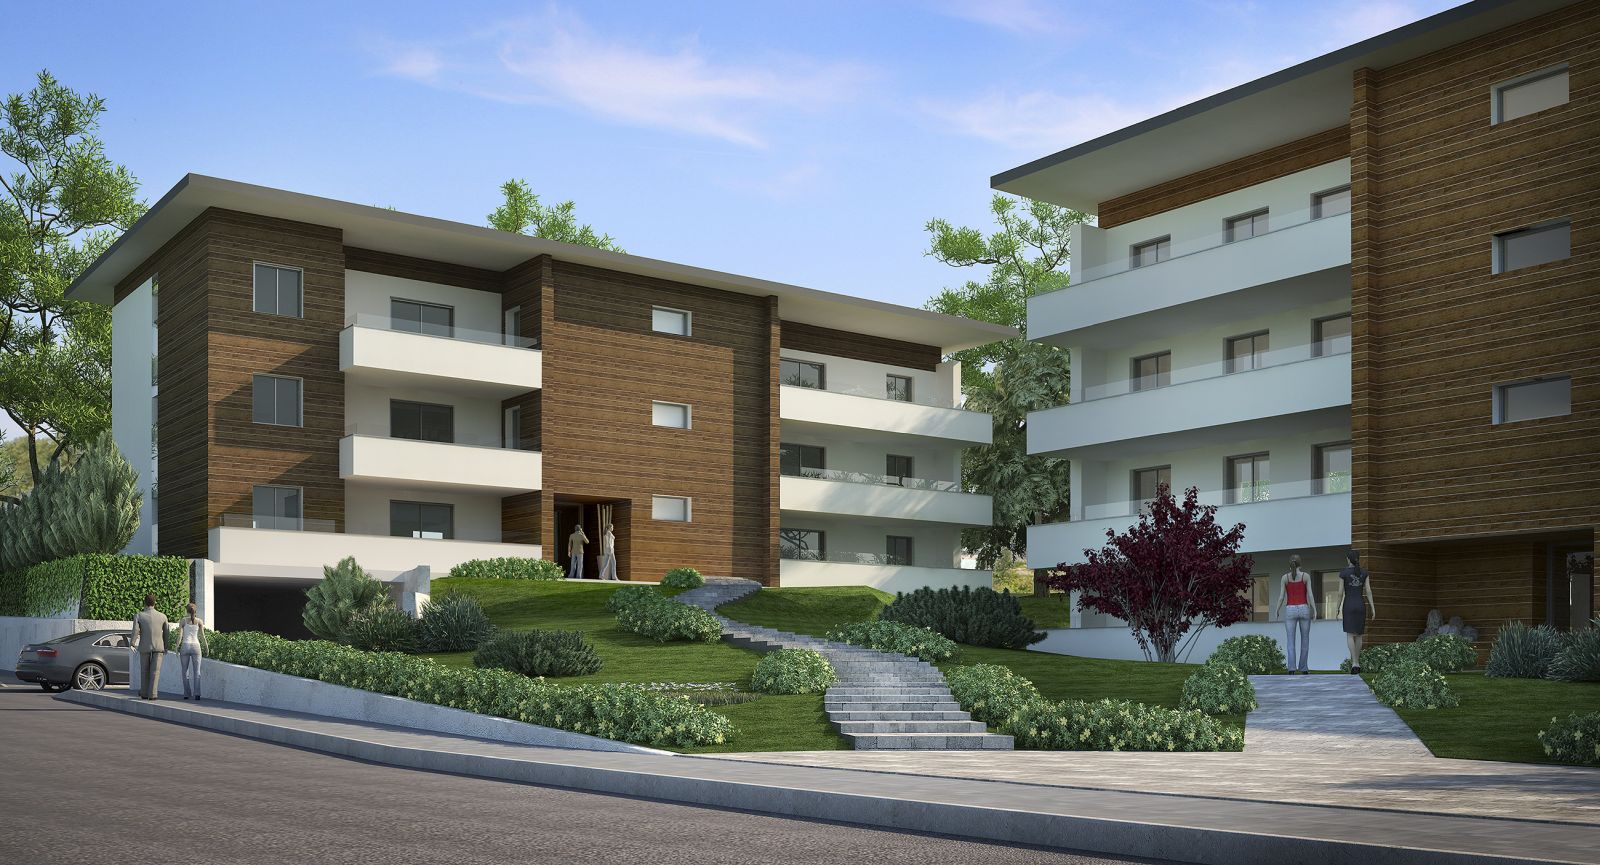 prenotasi appartamento con giardino